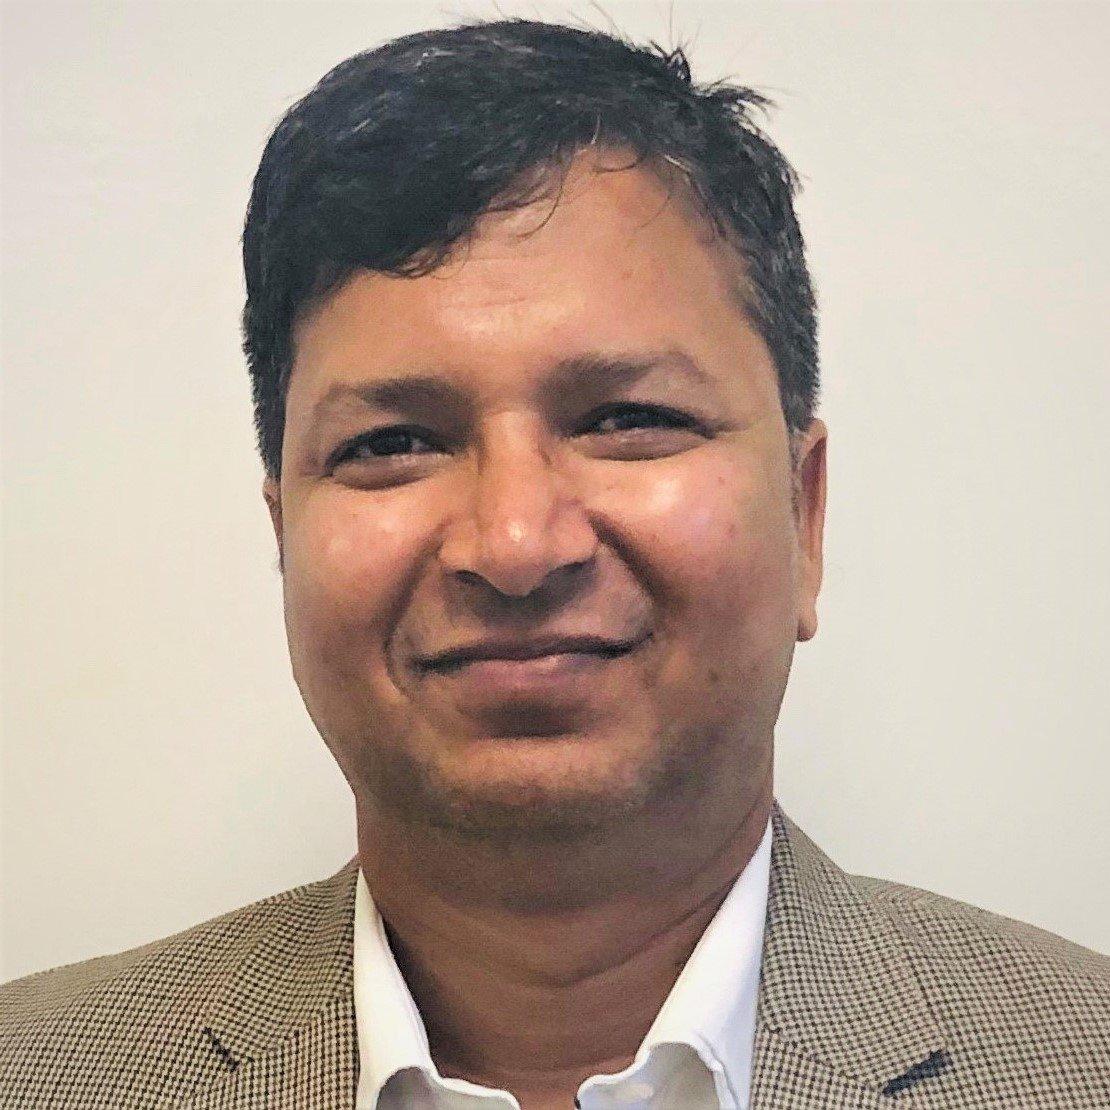 Surendra - Accenture